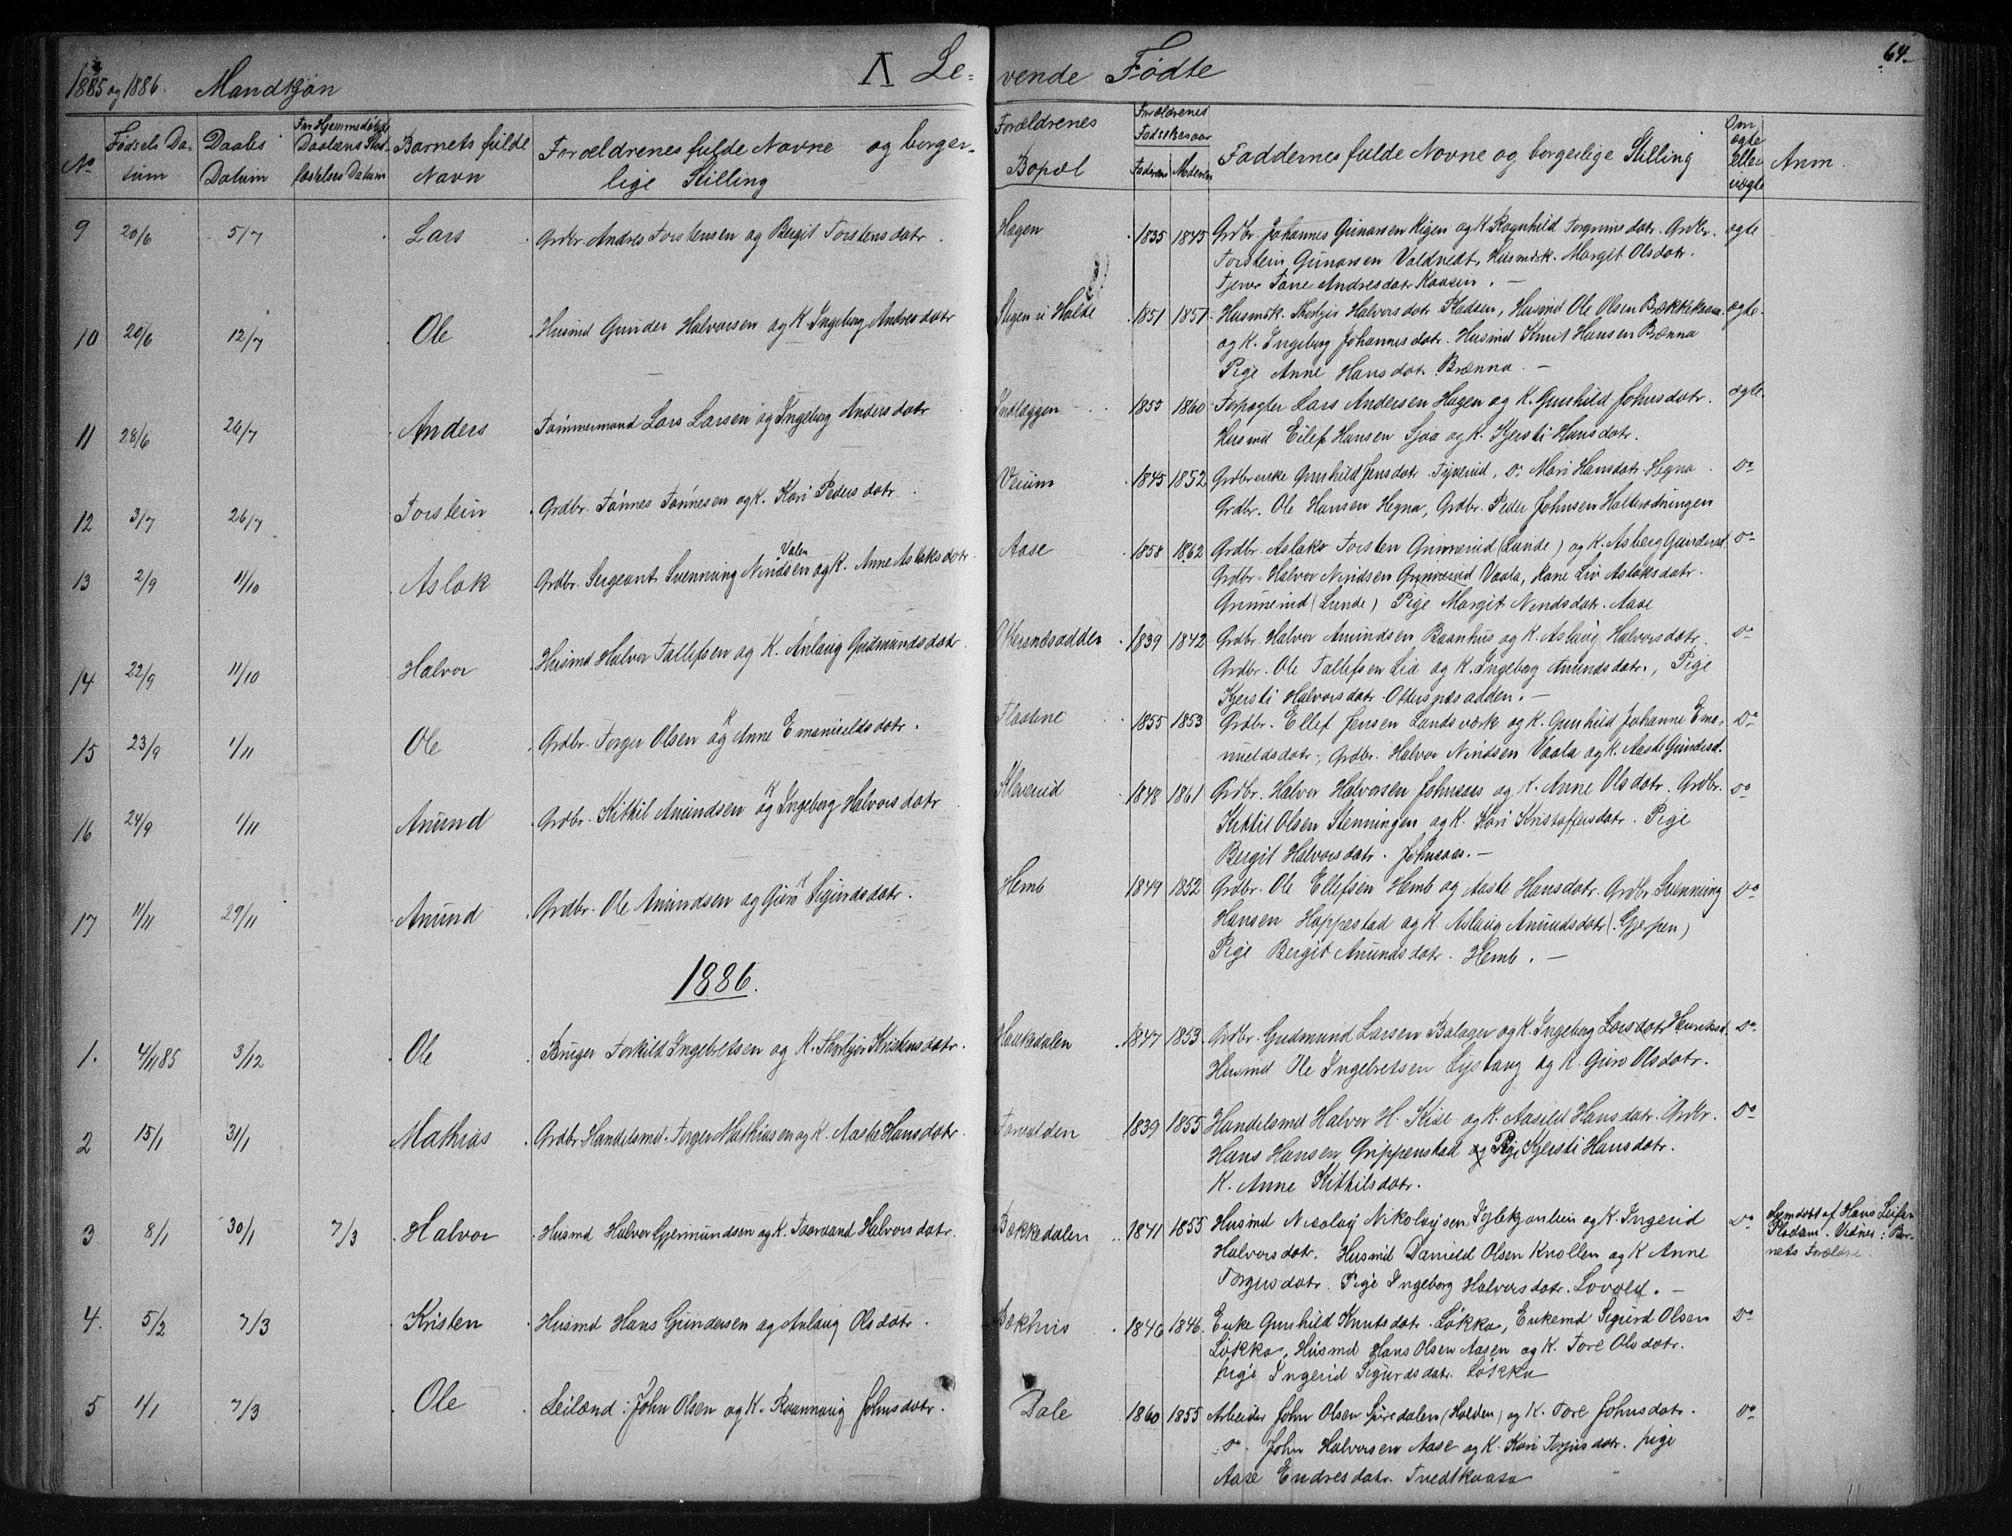 SAKO, Sauherad kirkebøker, G/Ga/L0003: Klokkerbok nr. I 3, 1866-1905, s. 64